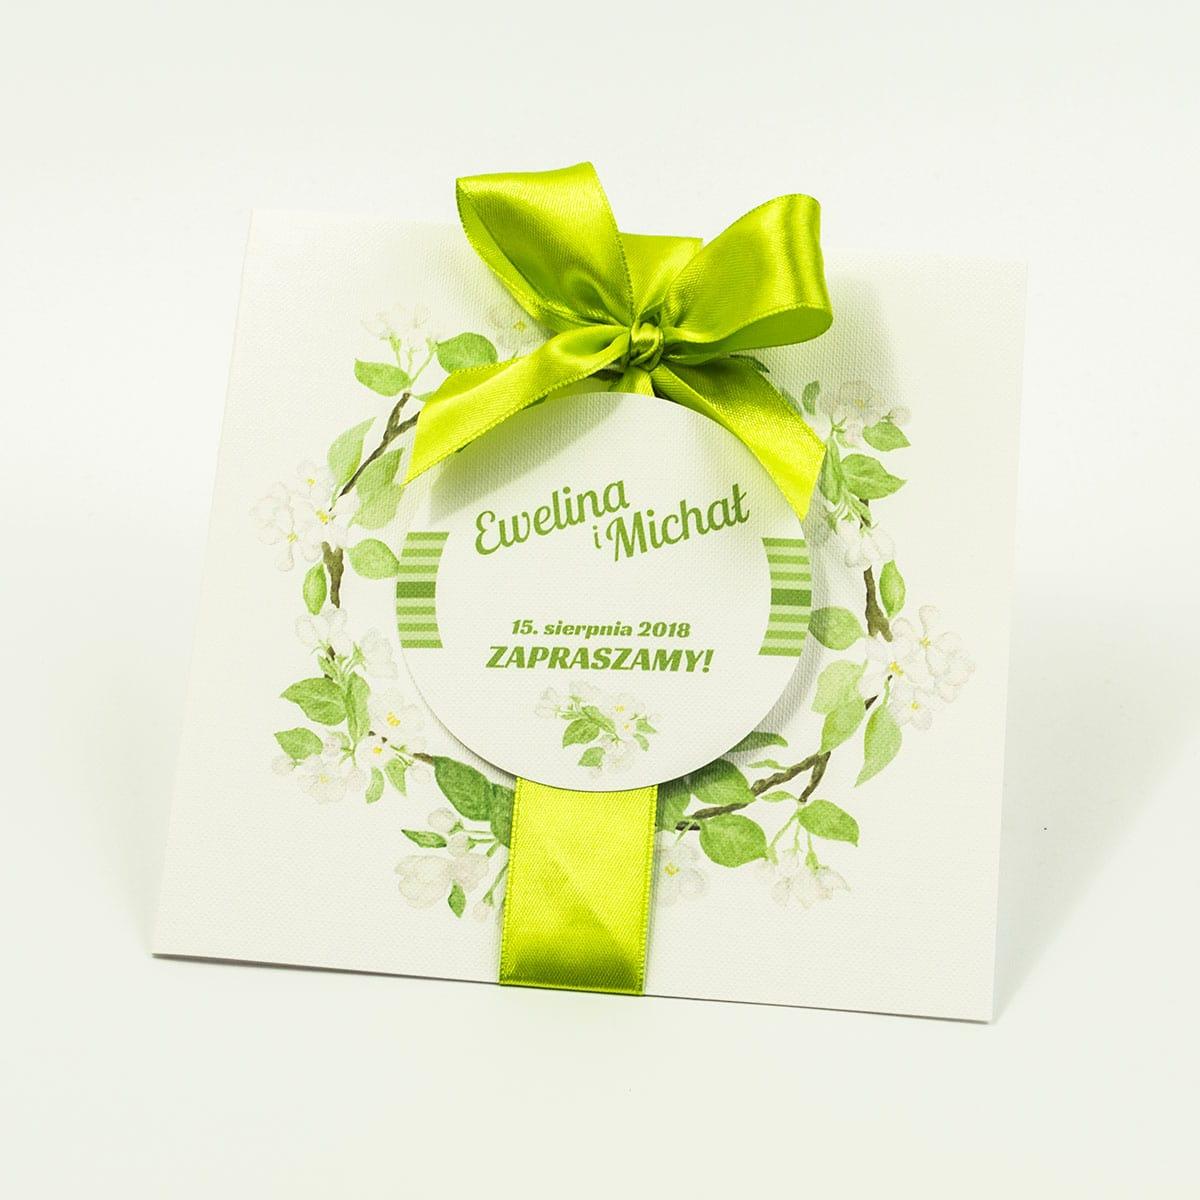 Zaproszenia kwiatowe - wiosenny wianek z białymi kwiatami wiśni oraz zielonymi listkami. ZAP-54-19